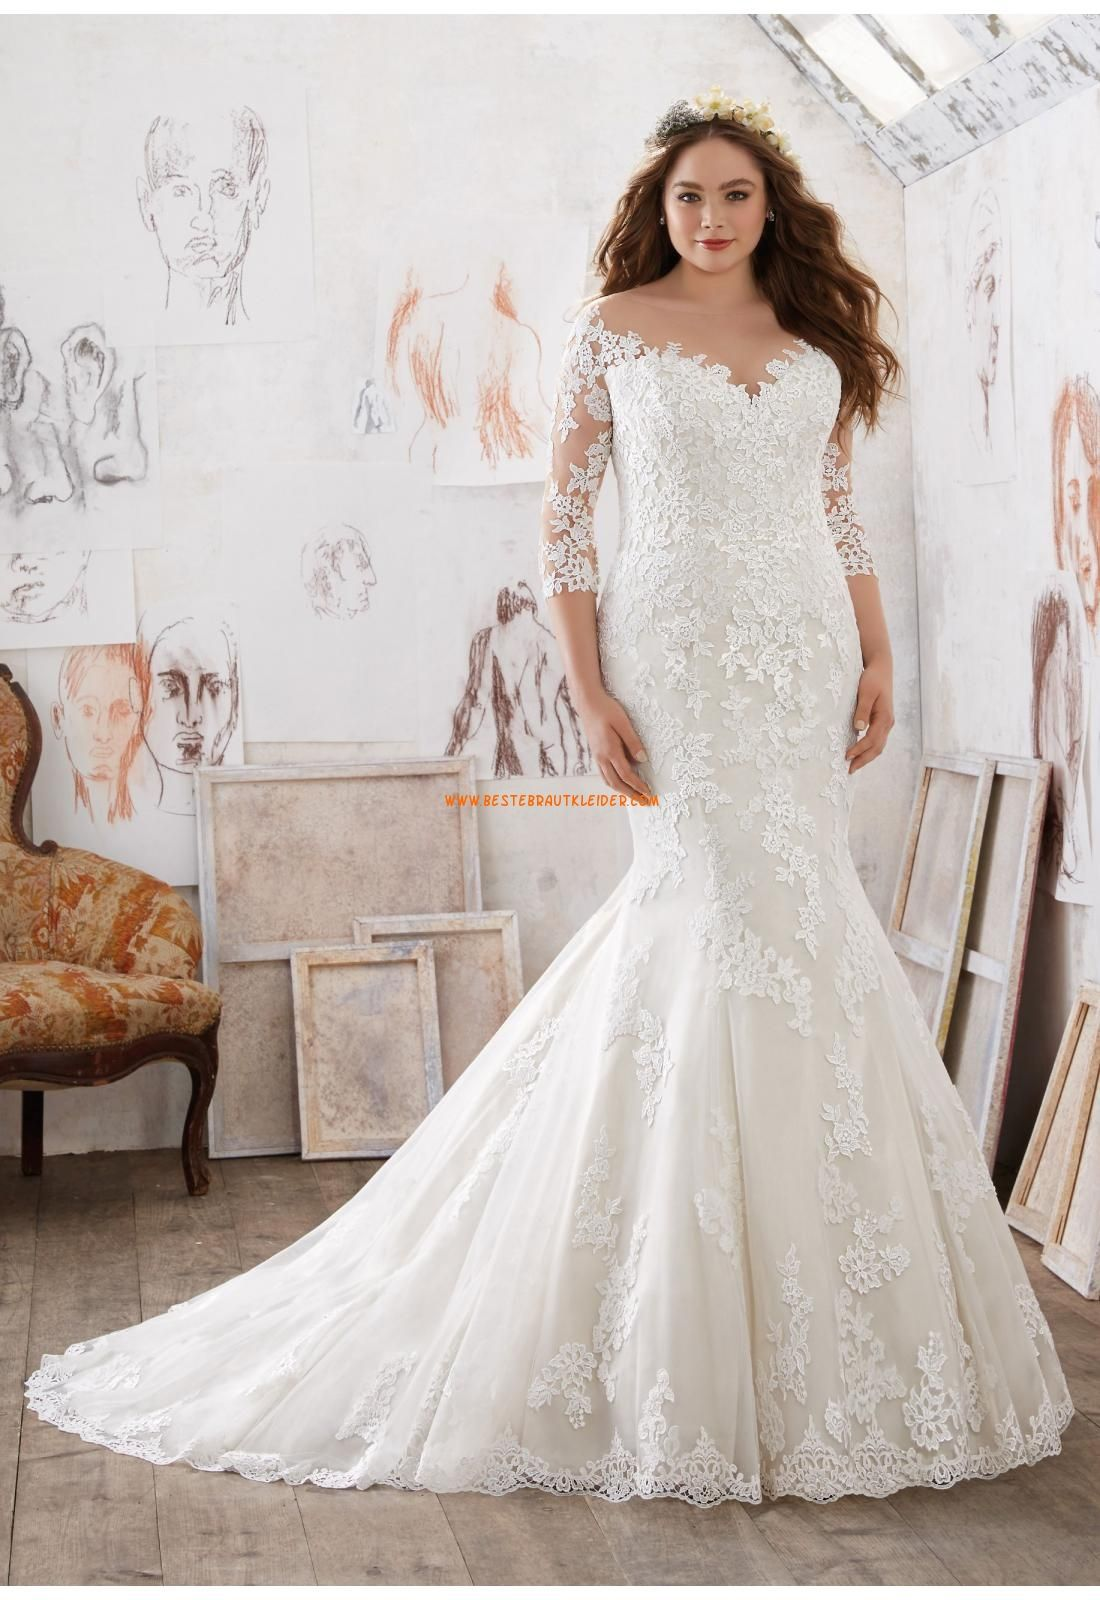 Meerjungfrau Glamouröse Außergewöhnliche Brautkleider aus Tüll mit ...